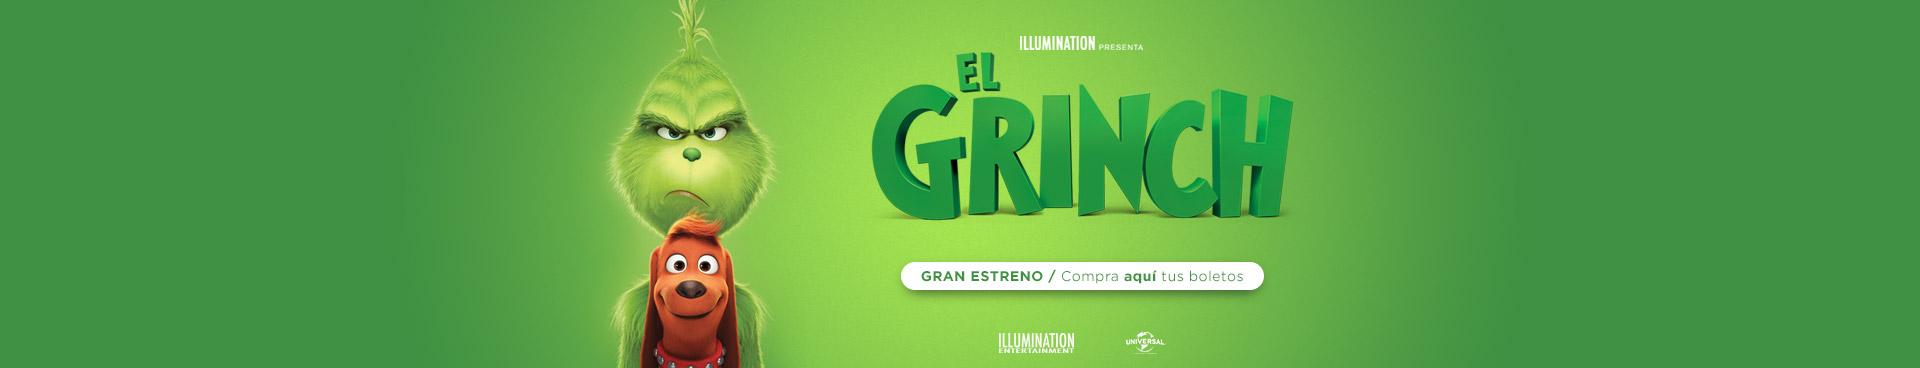 Gran estreno: El Grinch